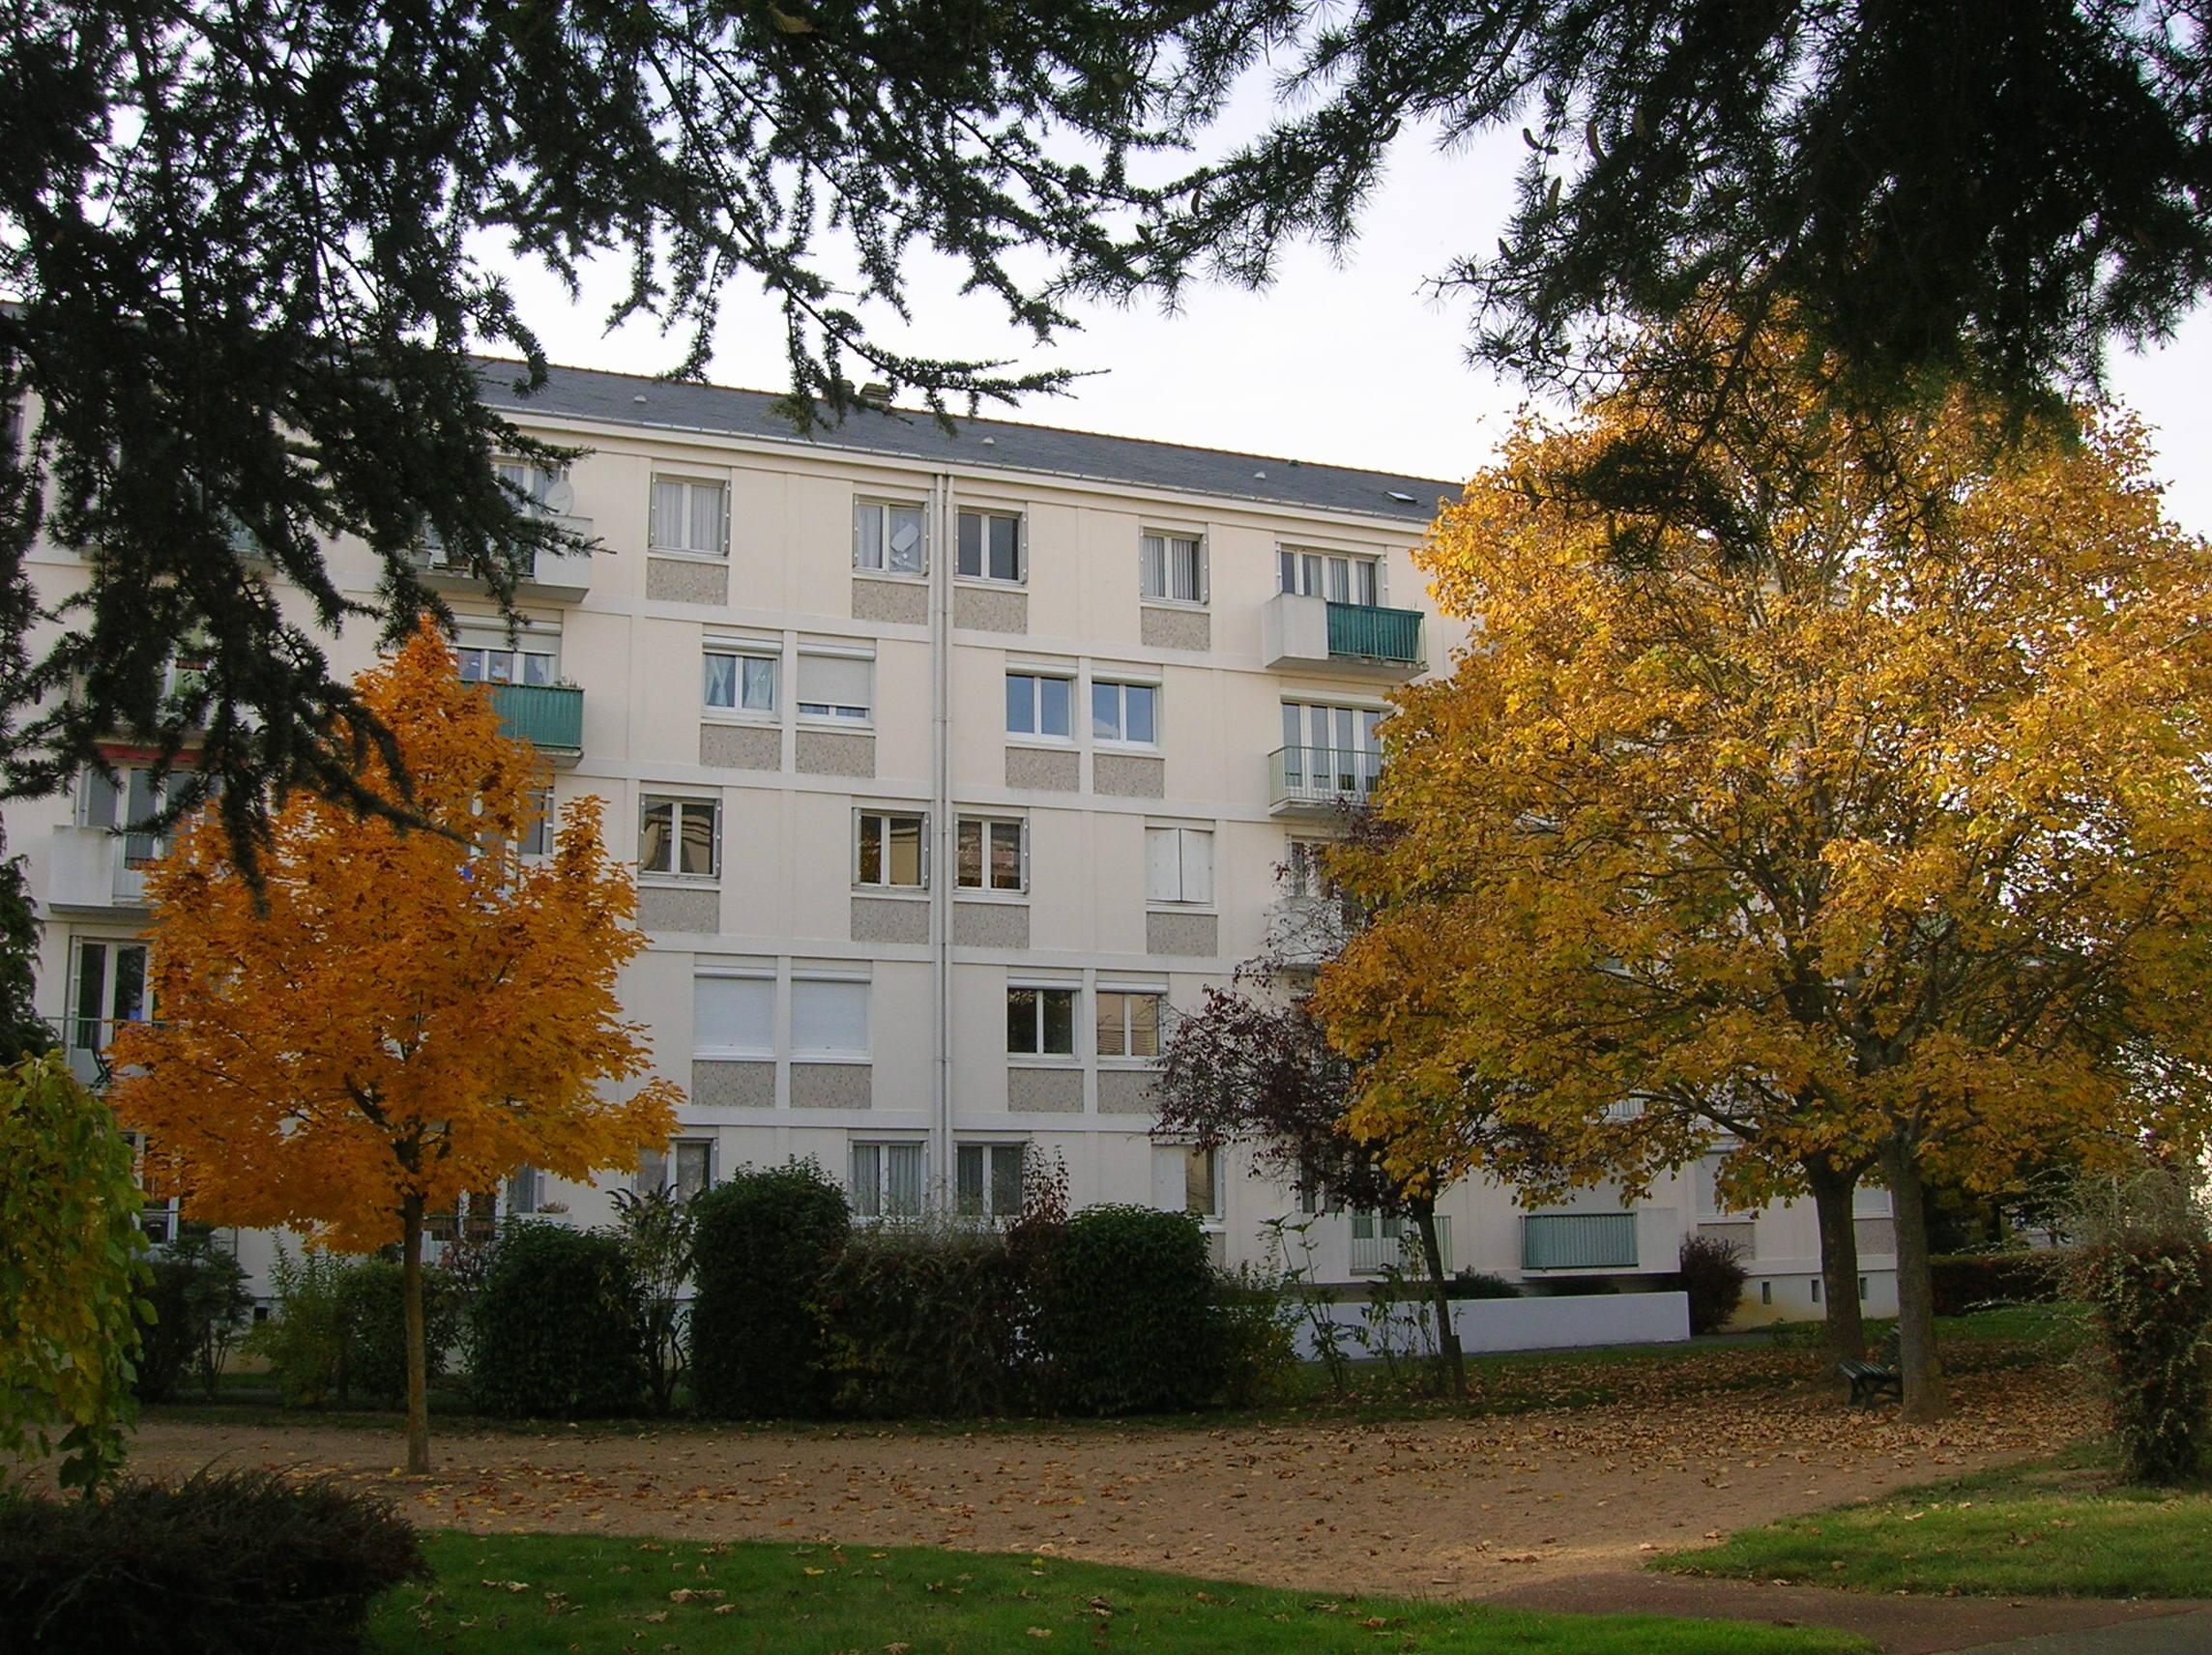 Cabinet lutz services en immobilier la croix blanche - Cabinet branchereau immobilier angers ...